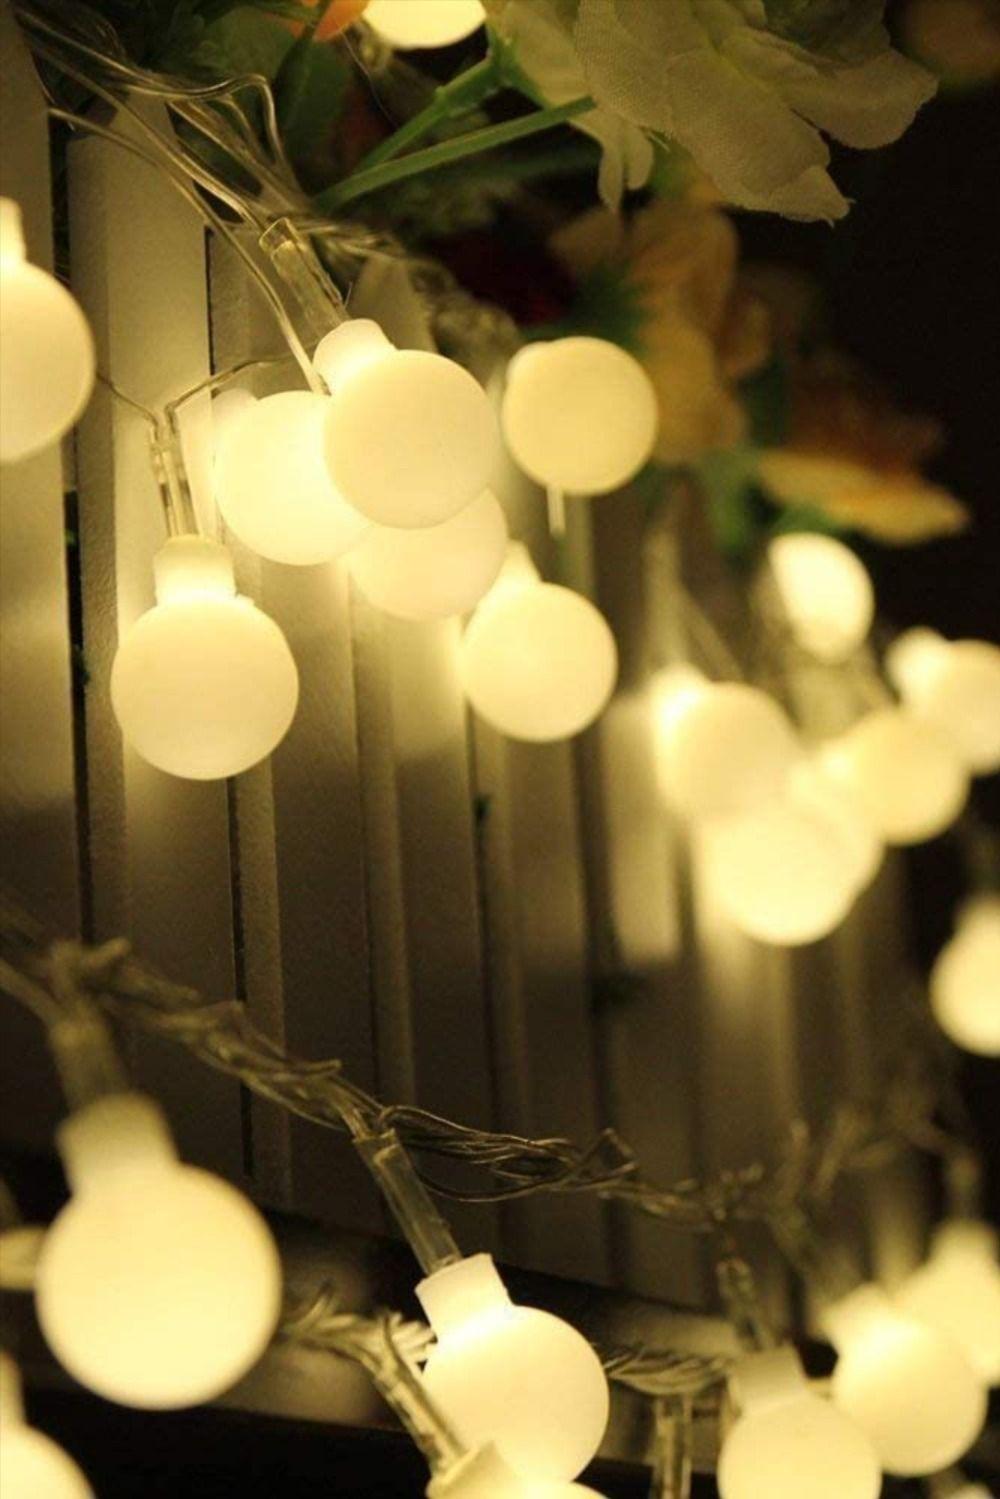 Gluhbirnen Lichterkette Led Gemutlich Garten Dekoration Wasserdicht Dekorieren Entspannte In 2020 Lichterkette Lampe Beton Fruhlingsdekoration